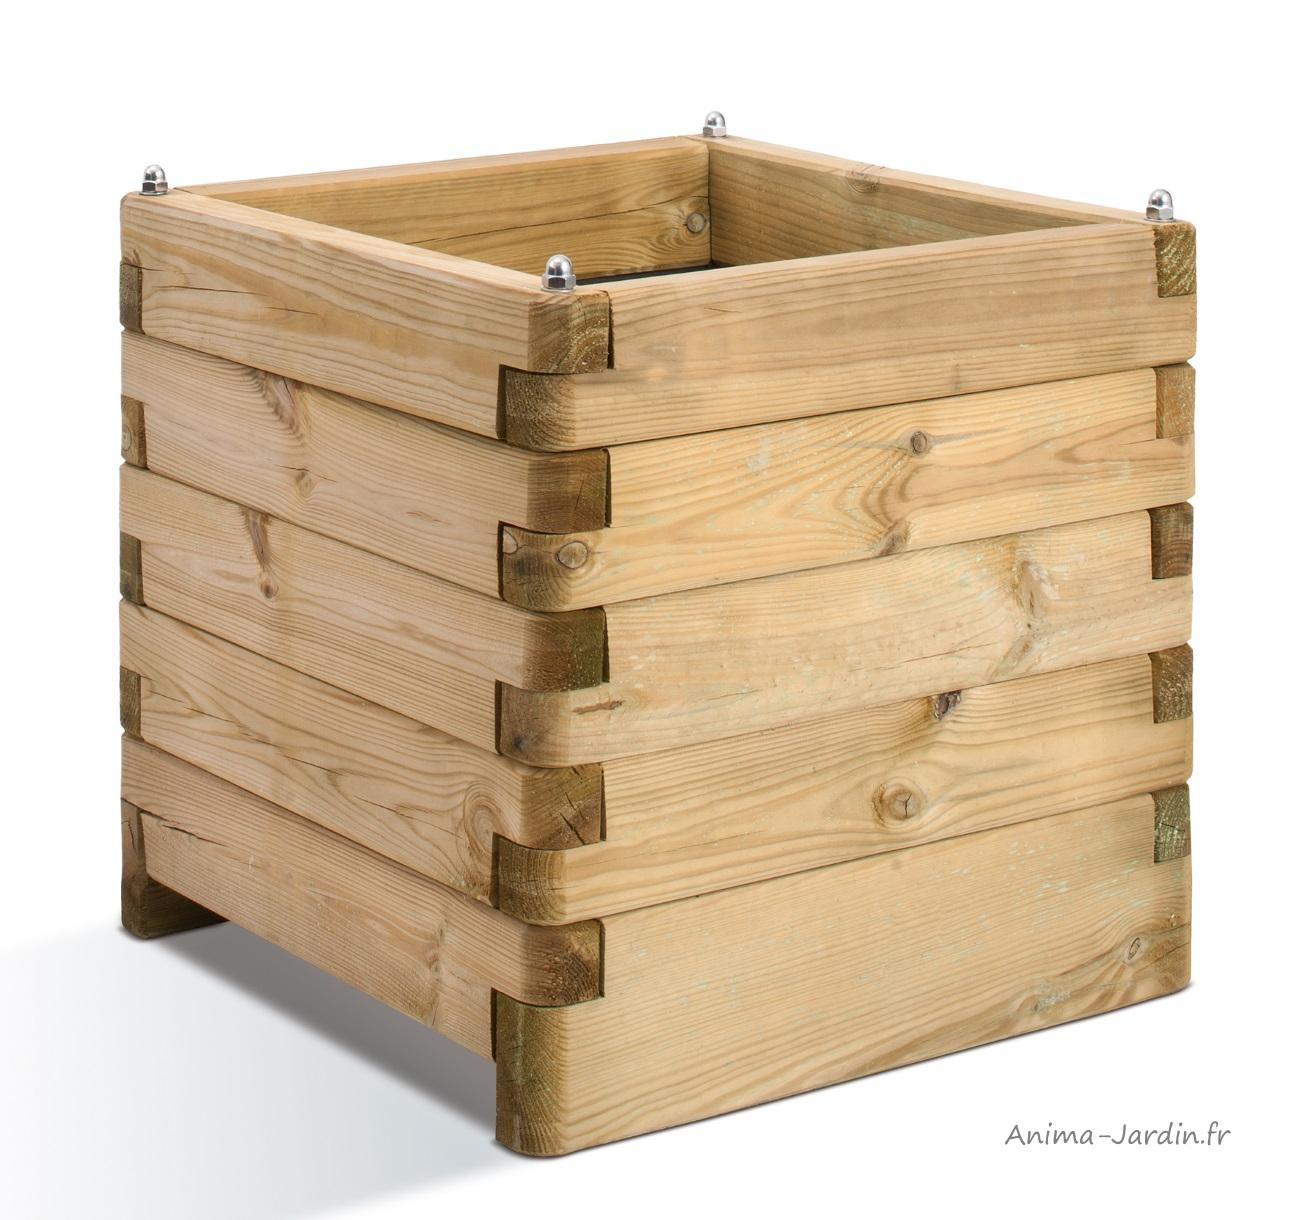 bac carré en bois-autoclave-50cm-bacàfleurs-anima-jardin.fr